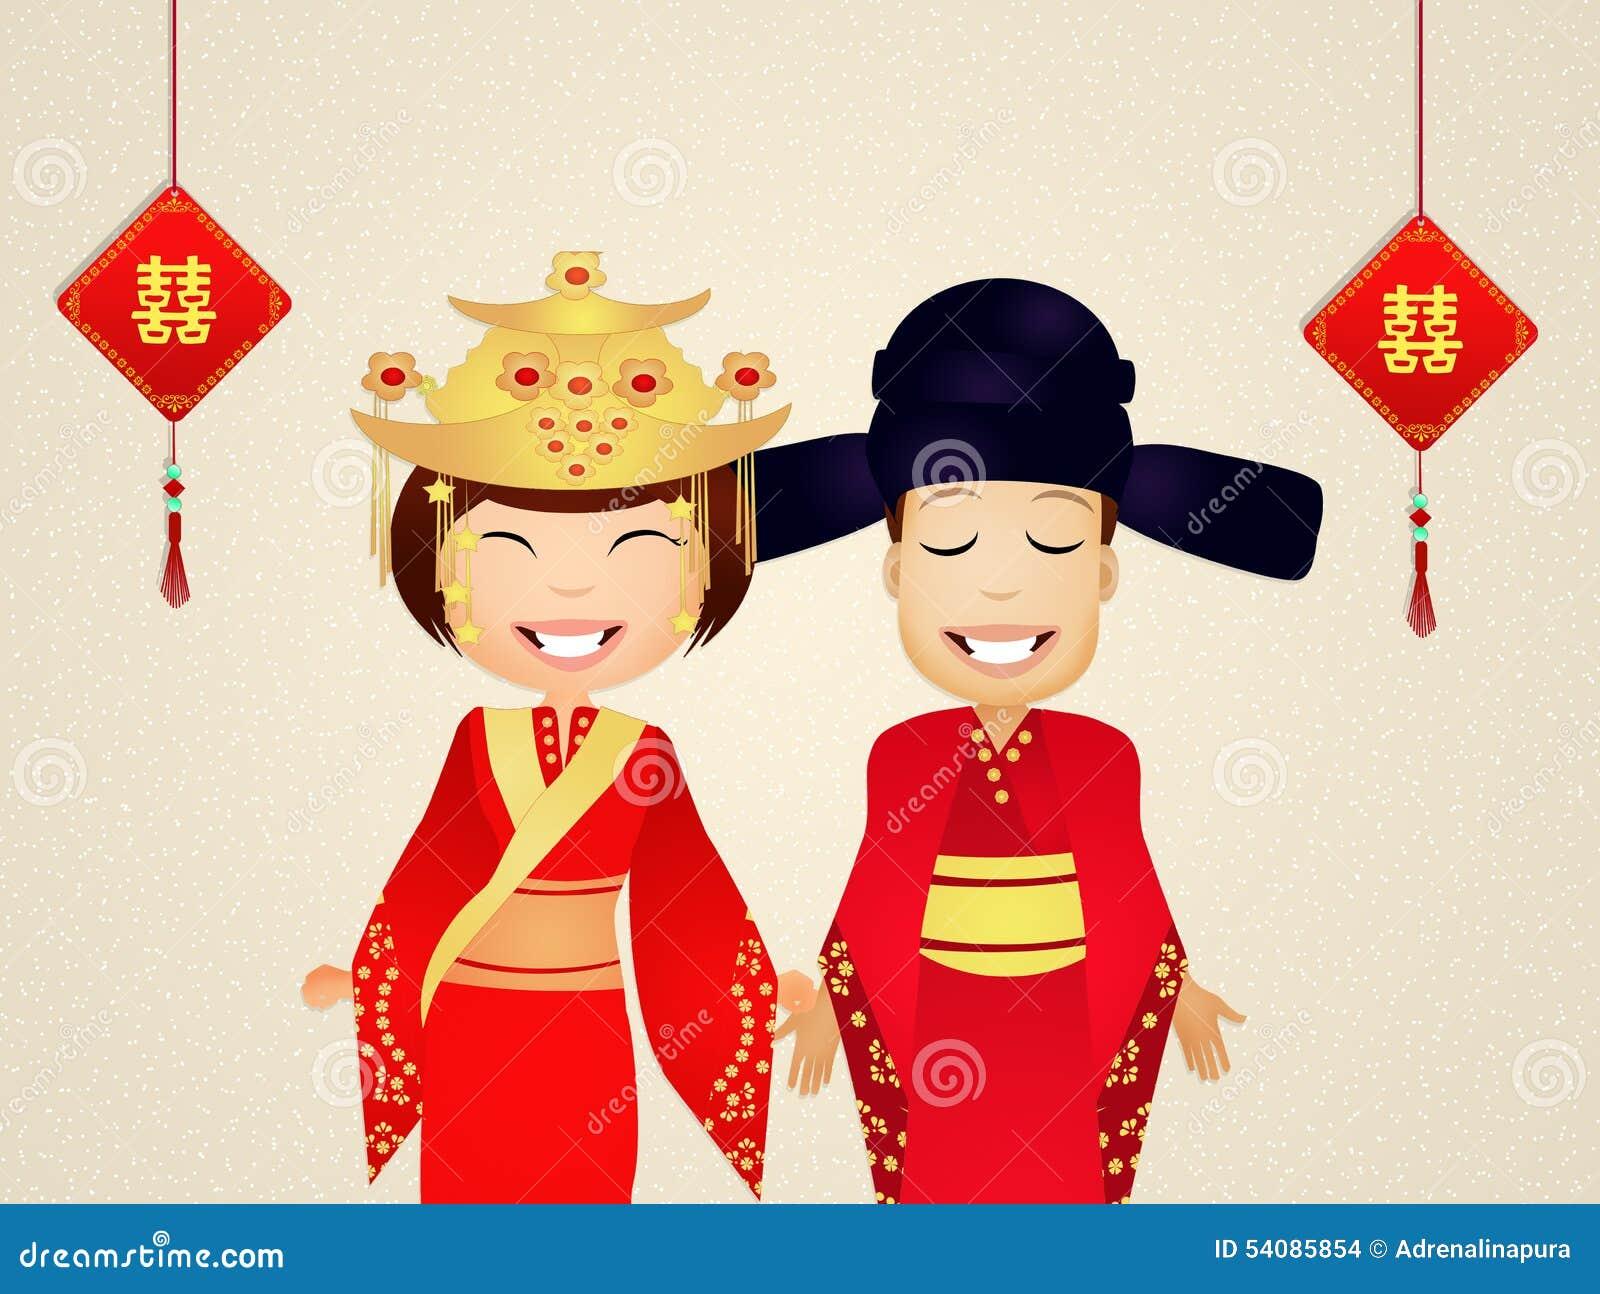 Illustratie van Chinees huwelijk